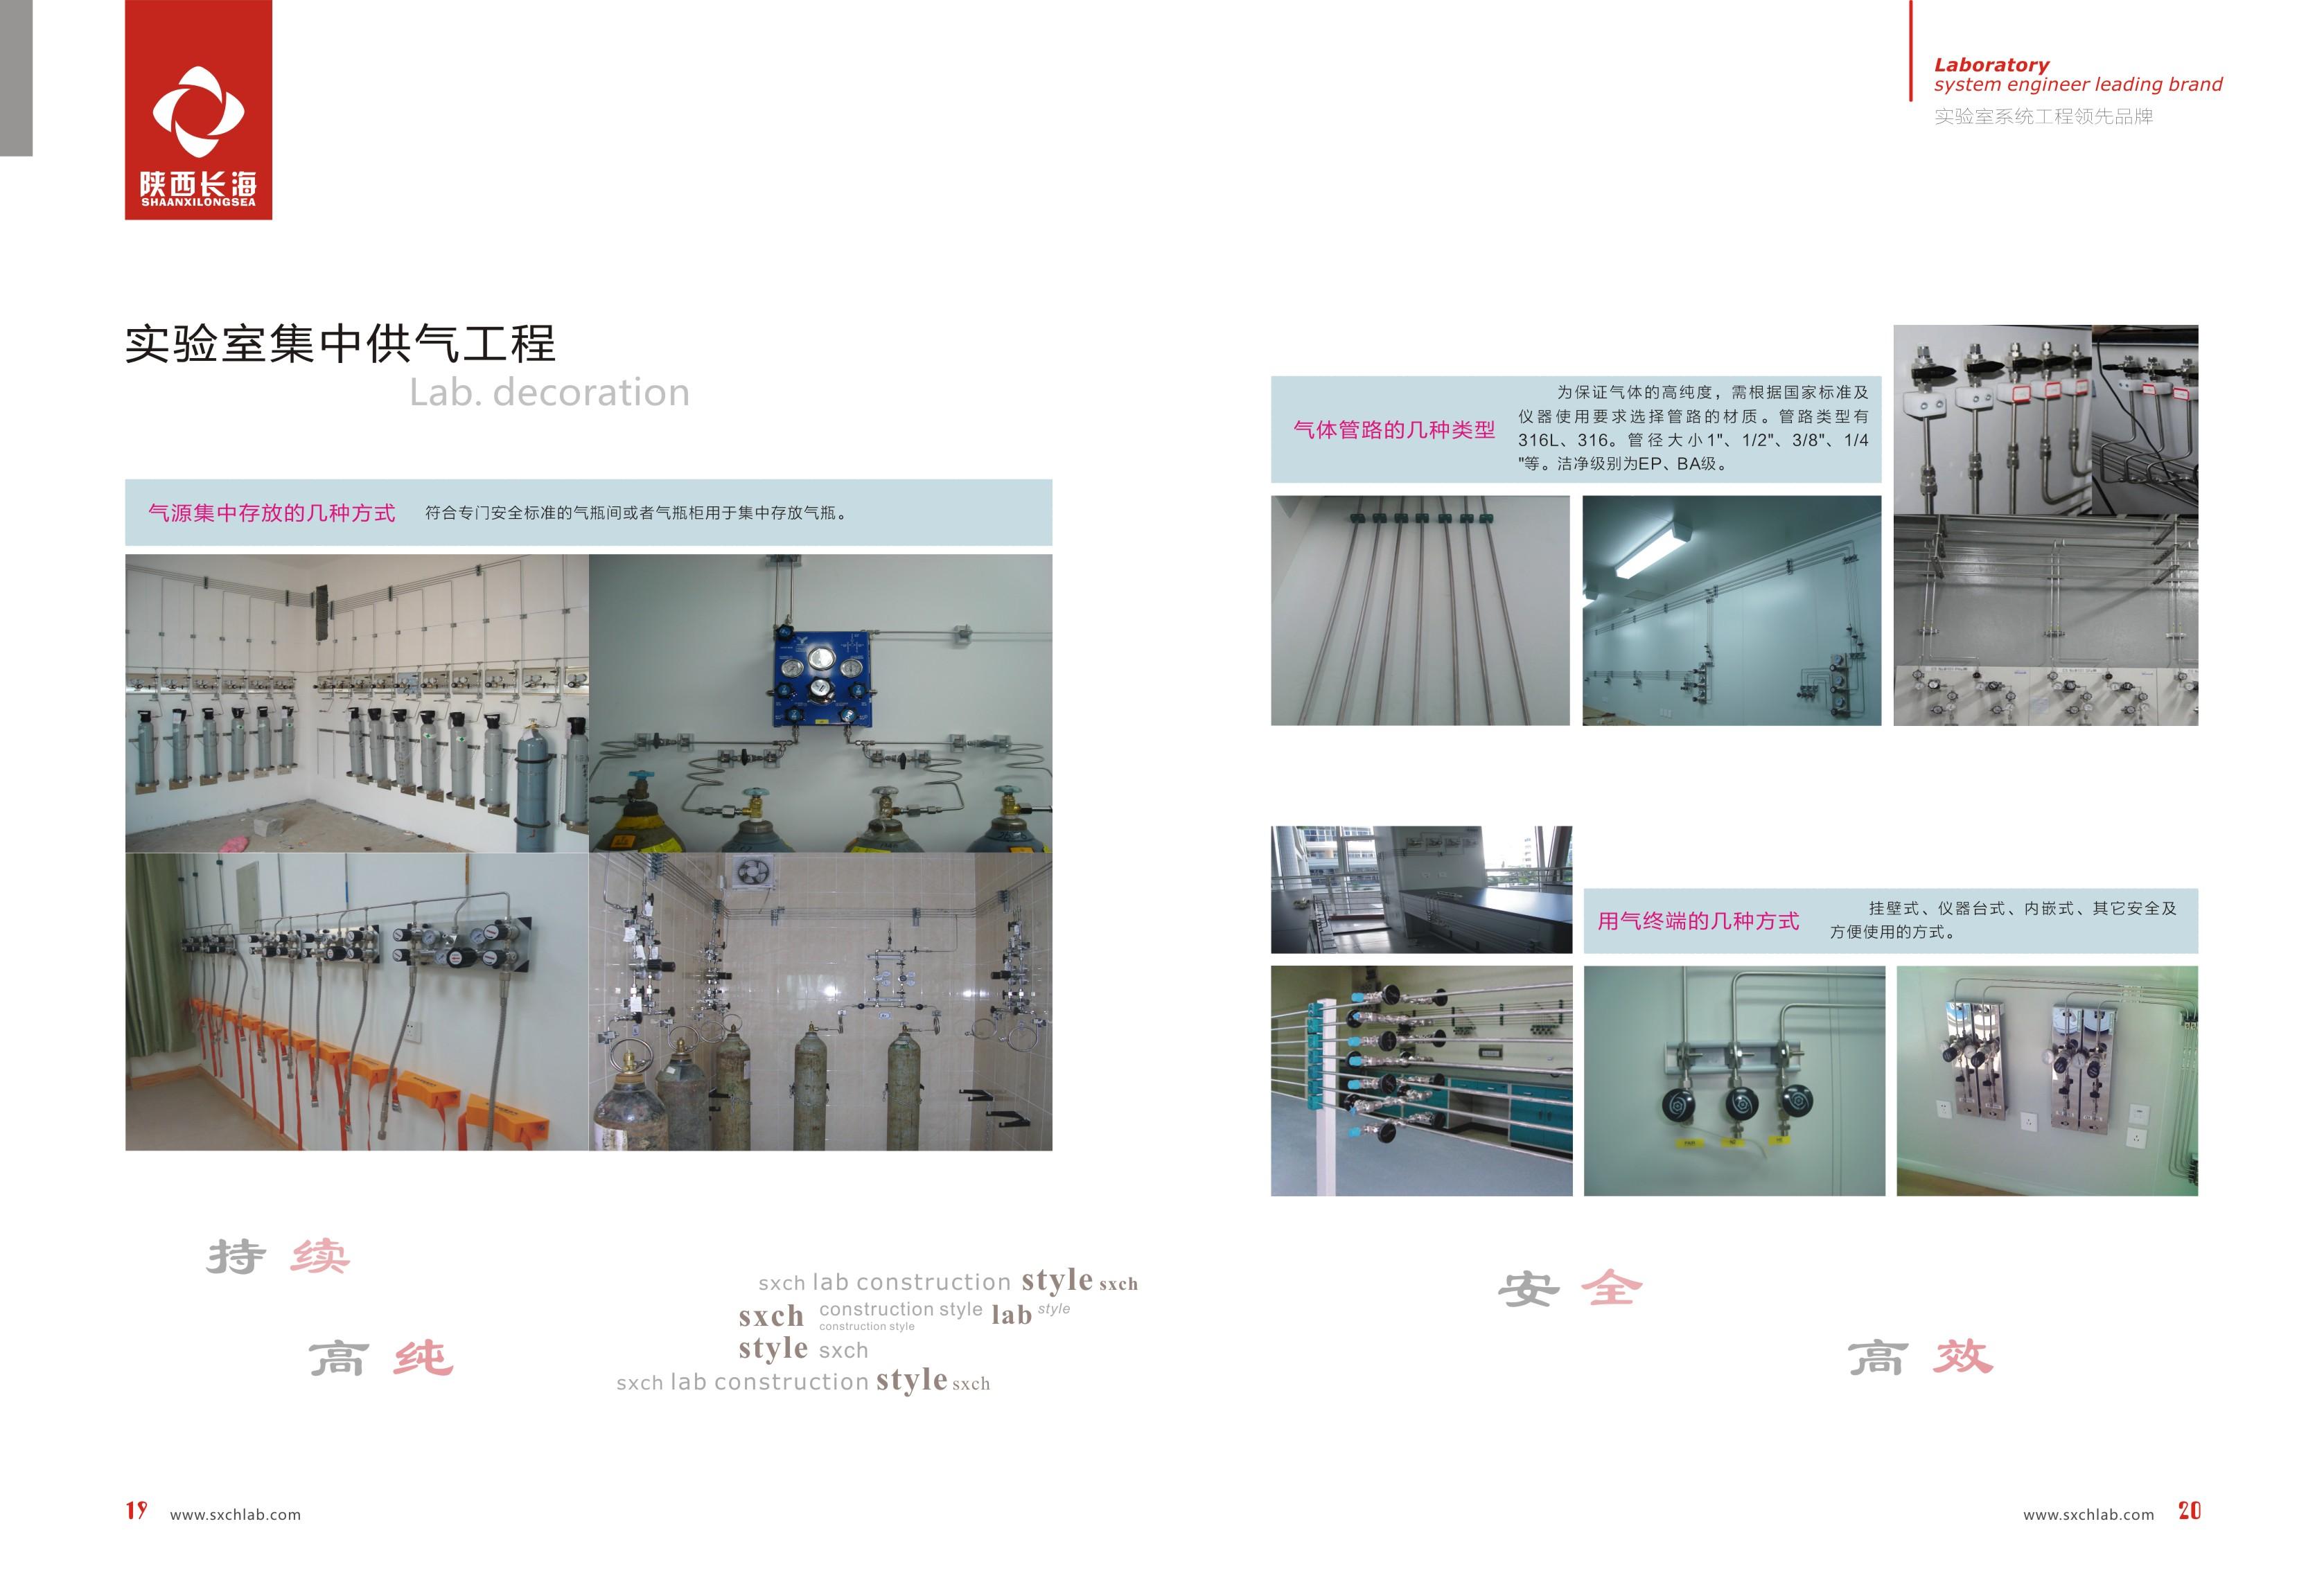 0422-实验室工程-11.jpg